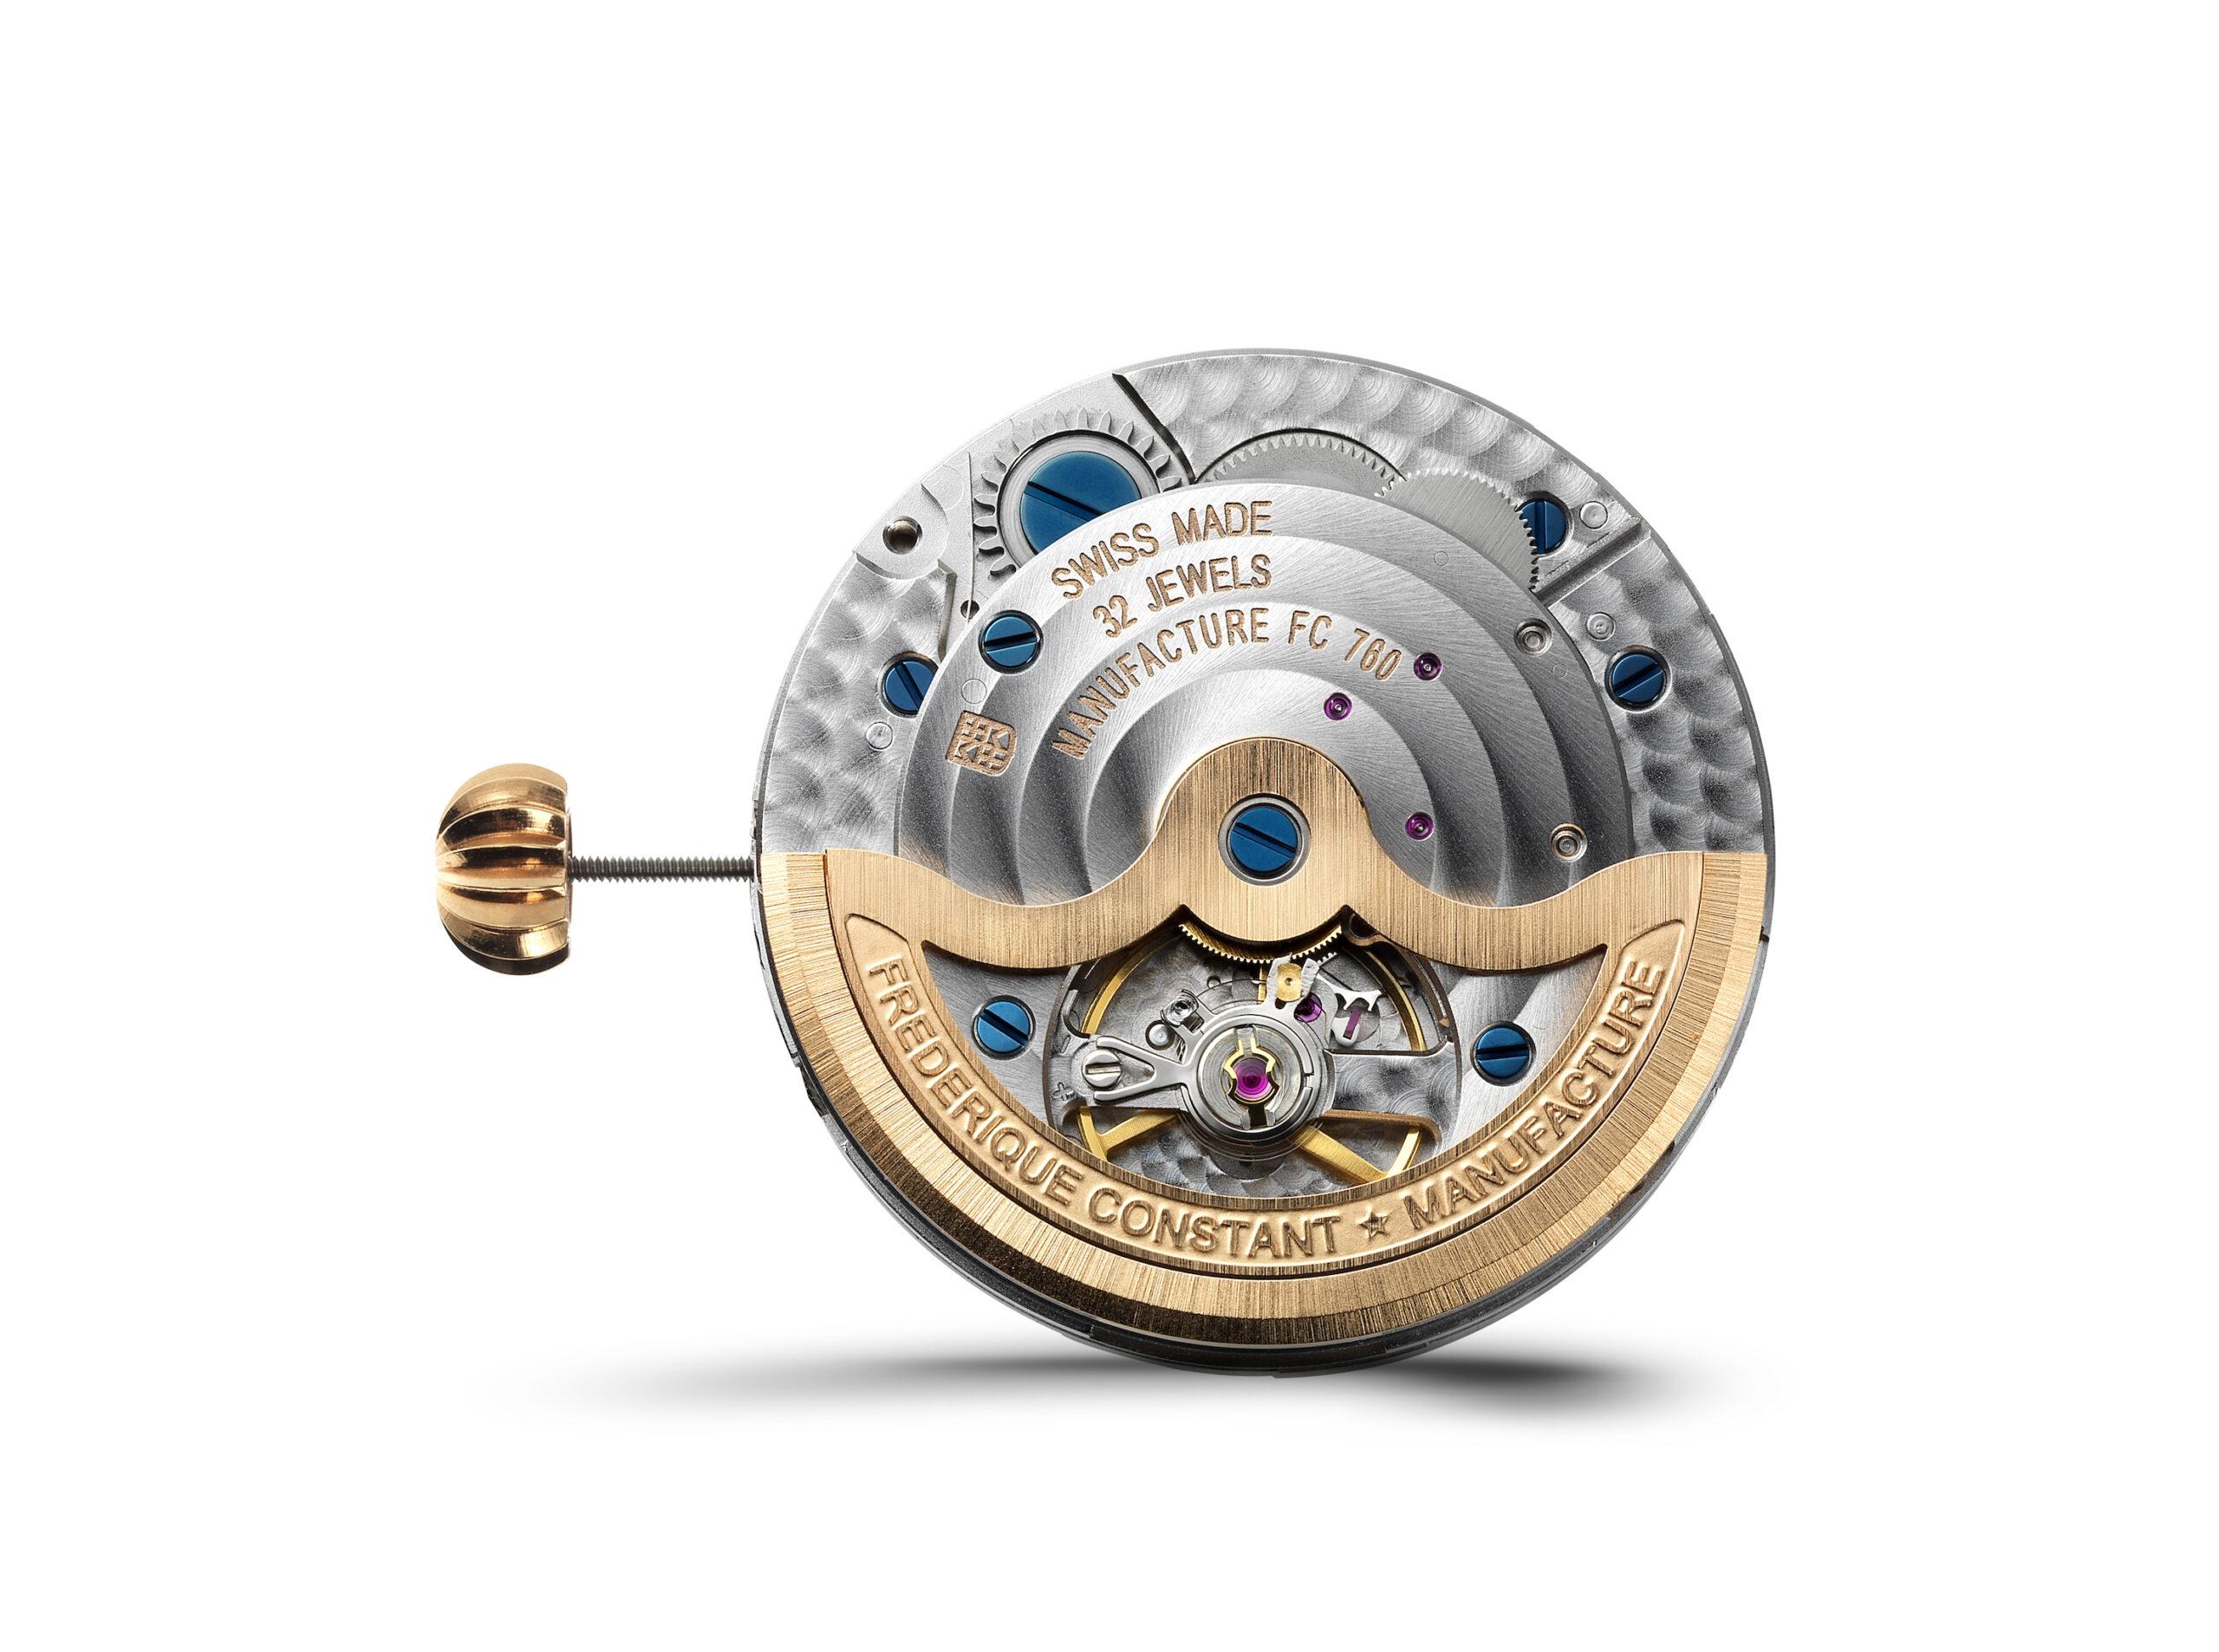 Frédérique ConstantFLYBACK CHRONOGRAPH MANUFACTURE CALIBERFC-760